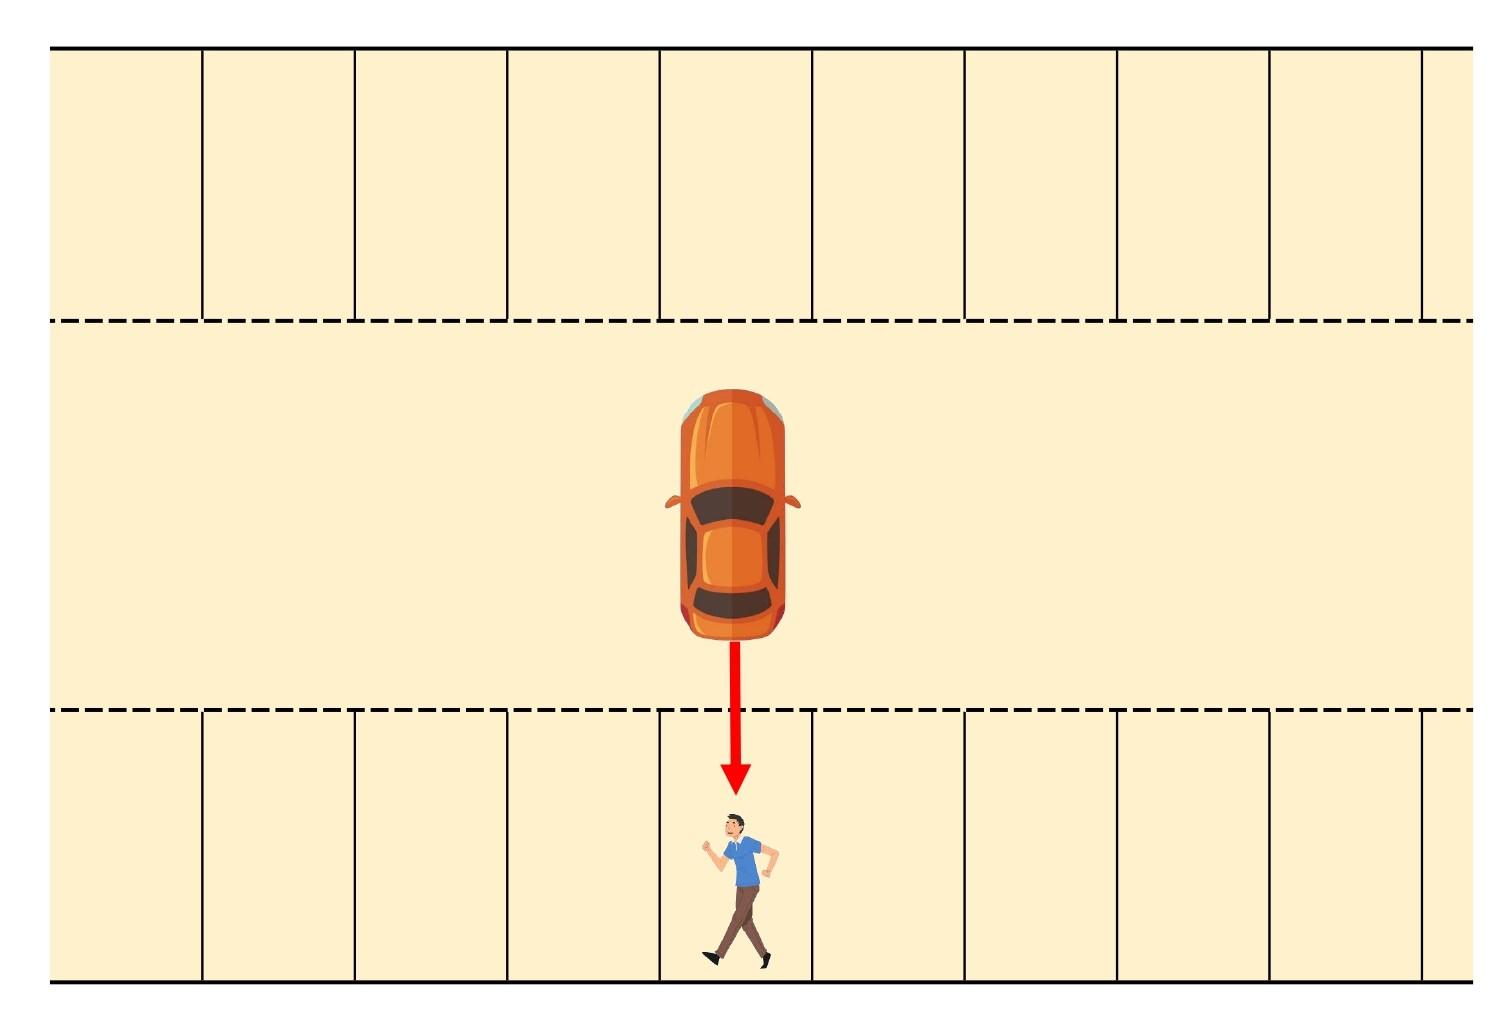 【図】駐車場内/歩行者と四輪車/駐車区画内